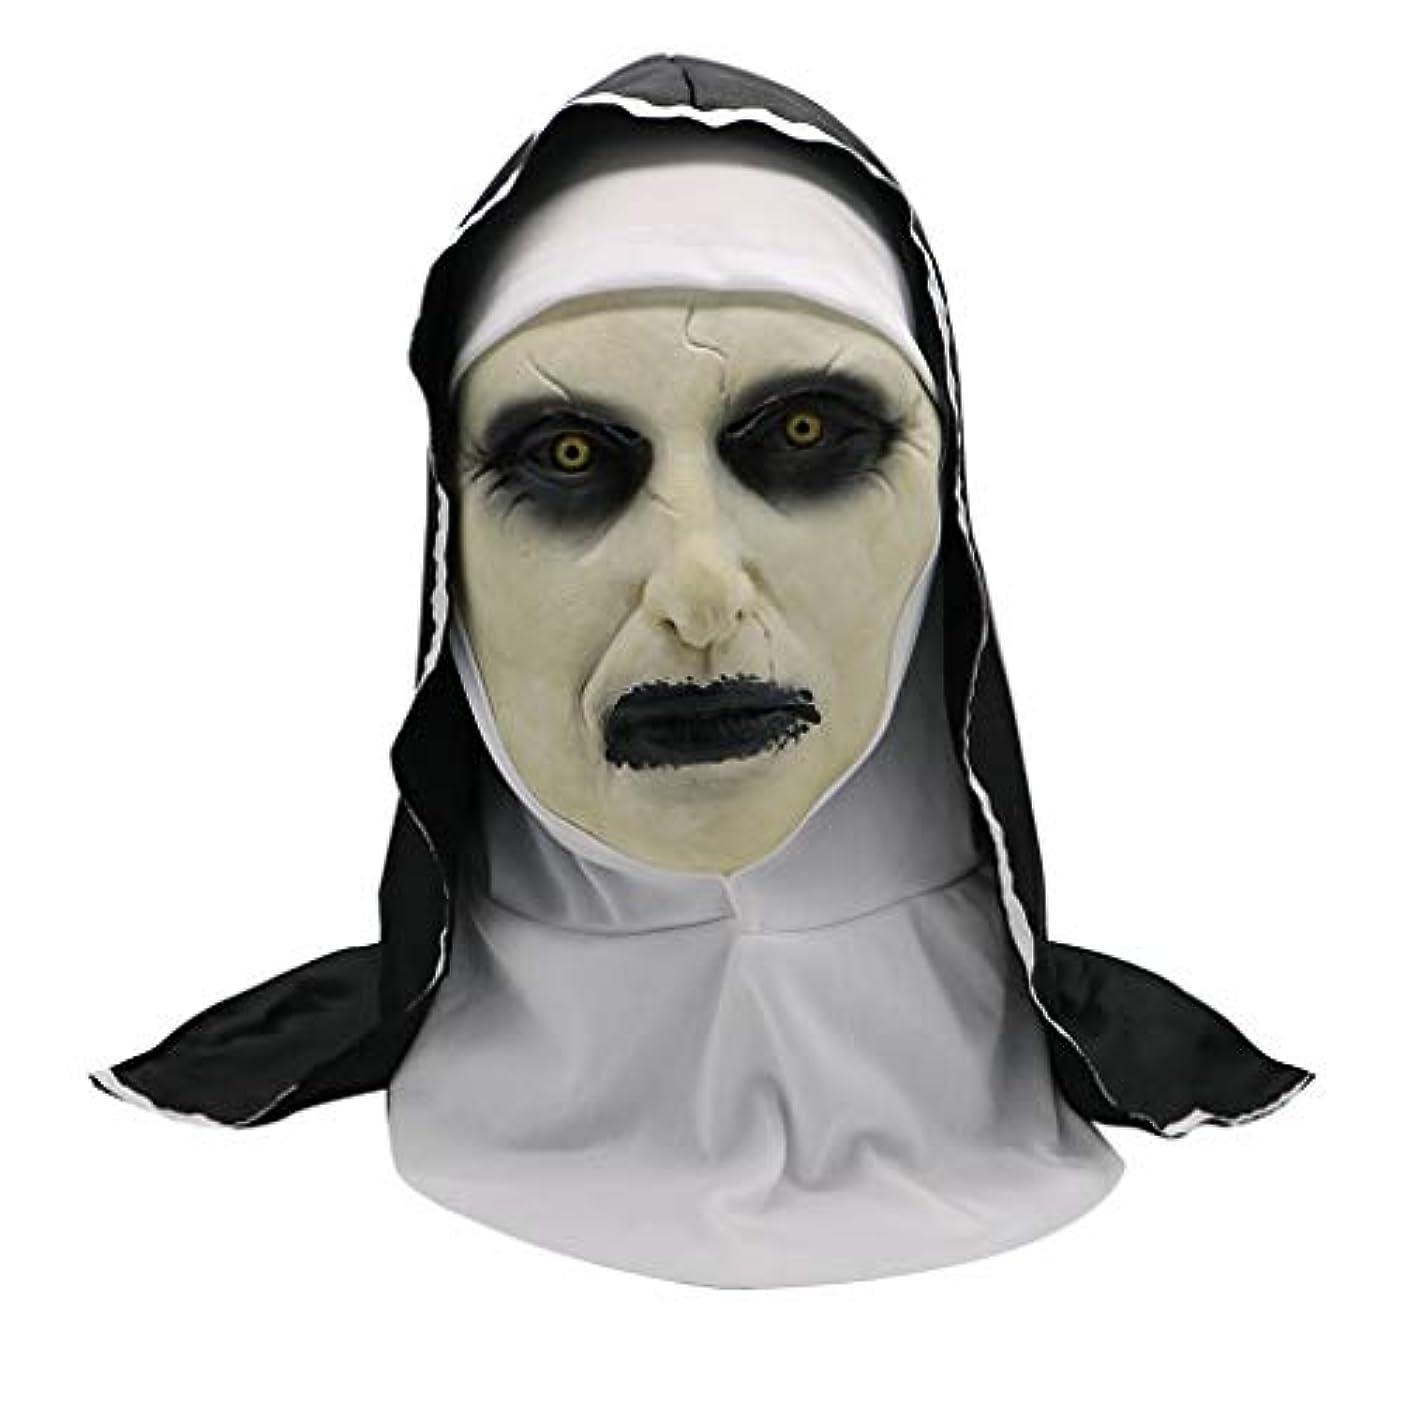 現代のワックスびっくりするラテックスヘッドマスク、ホラーゴーストヌンホラーハロウィンファンシードレスパーティー